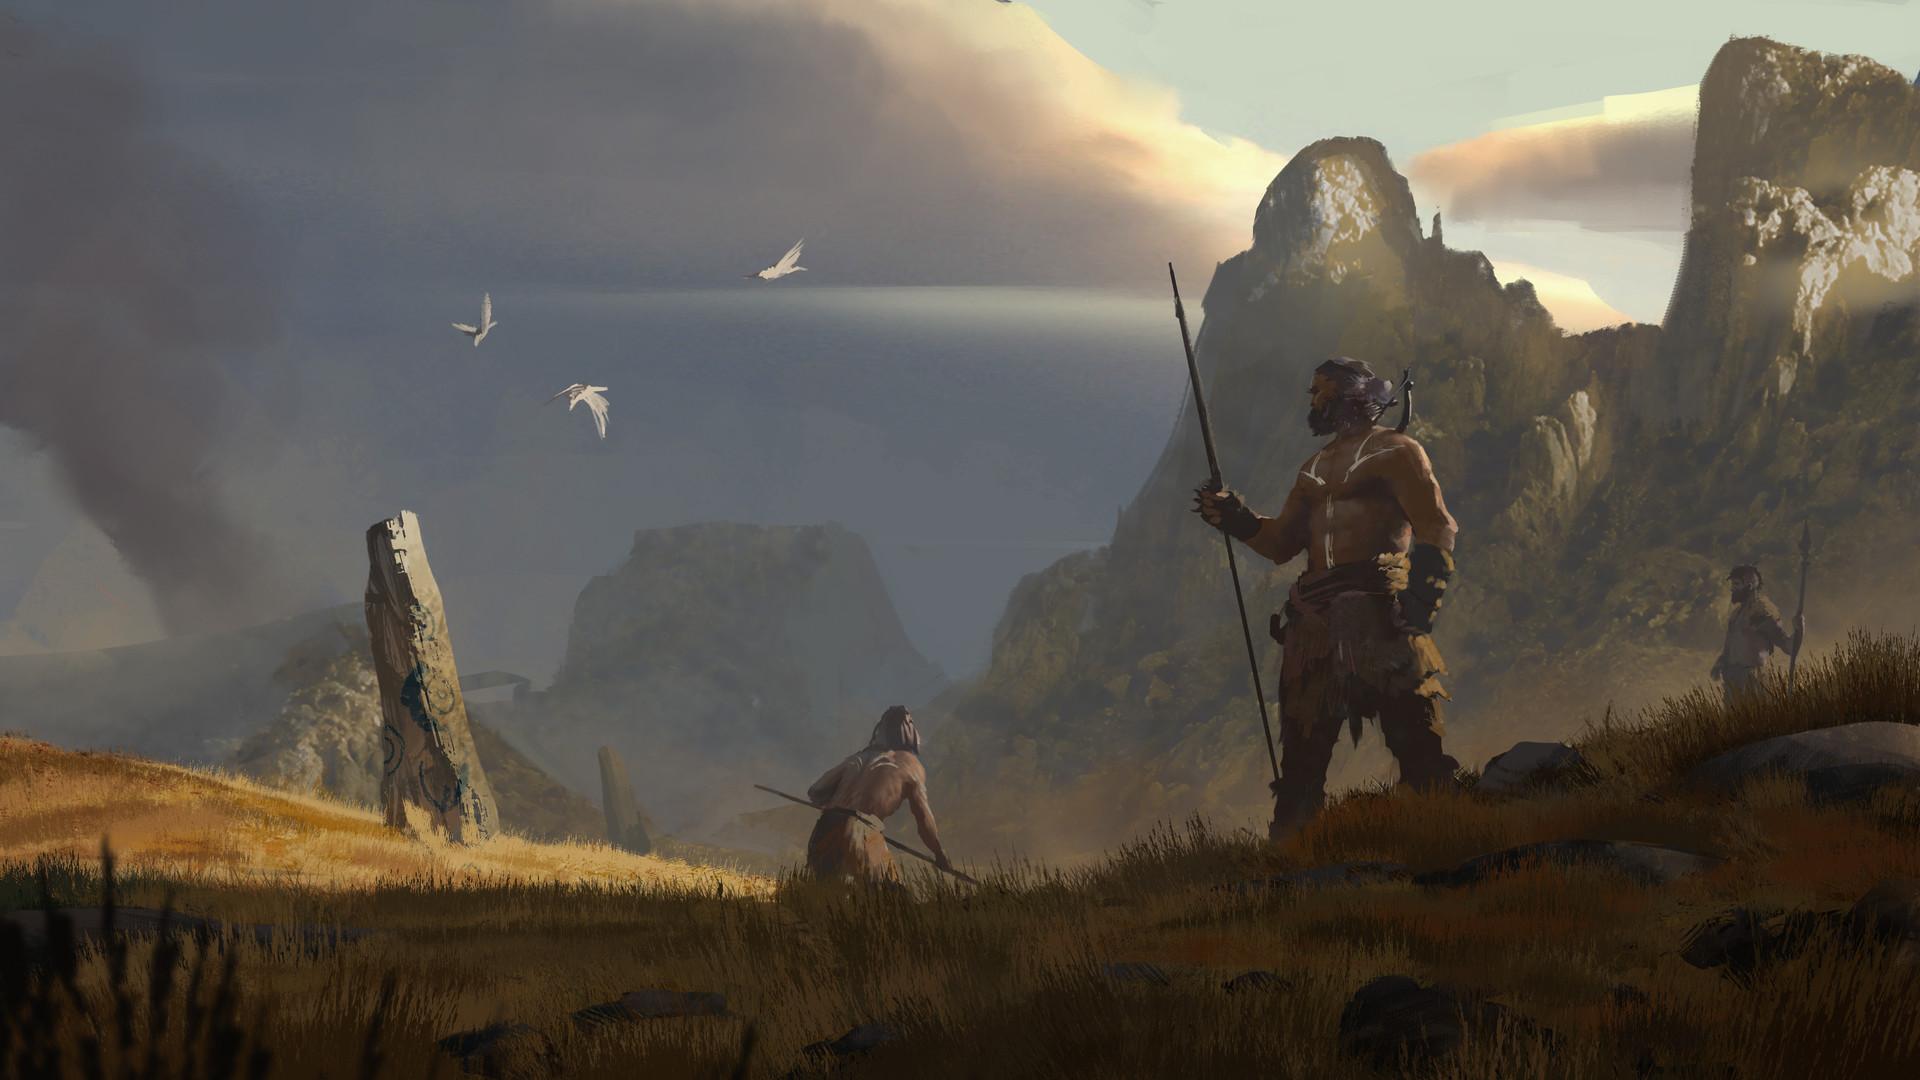 Nicolas gekko warriors